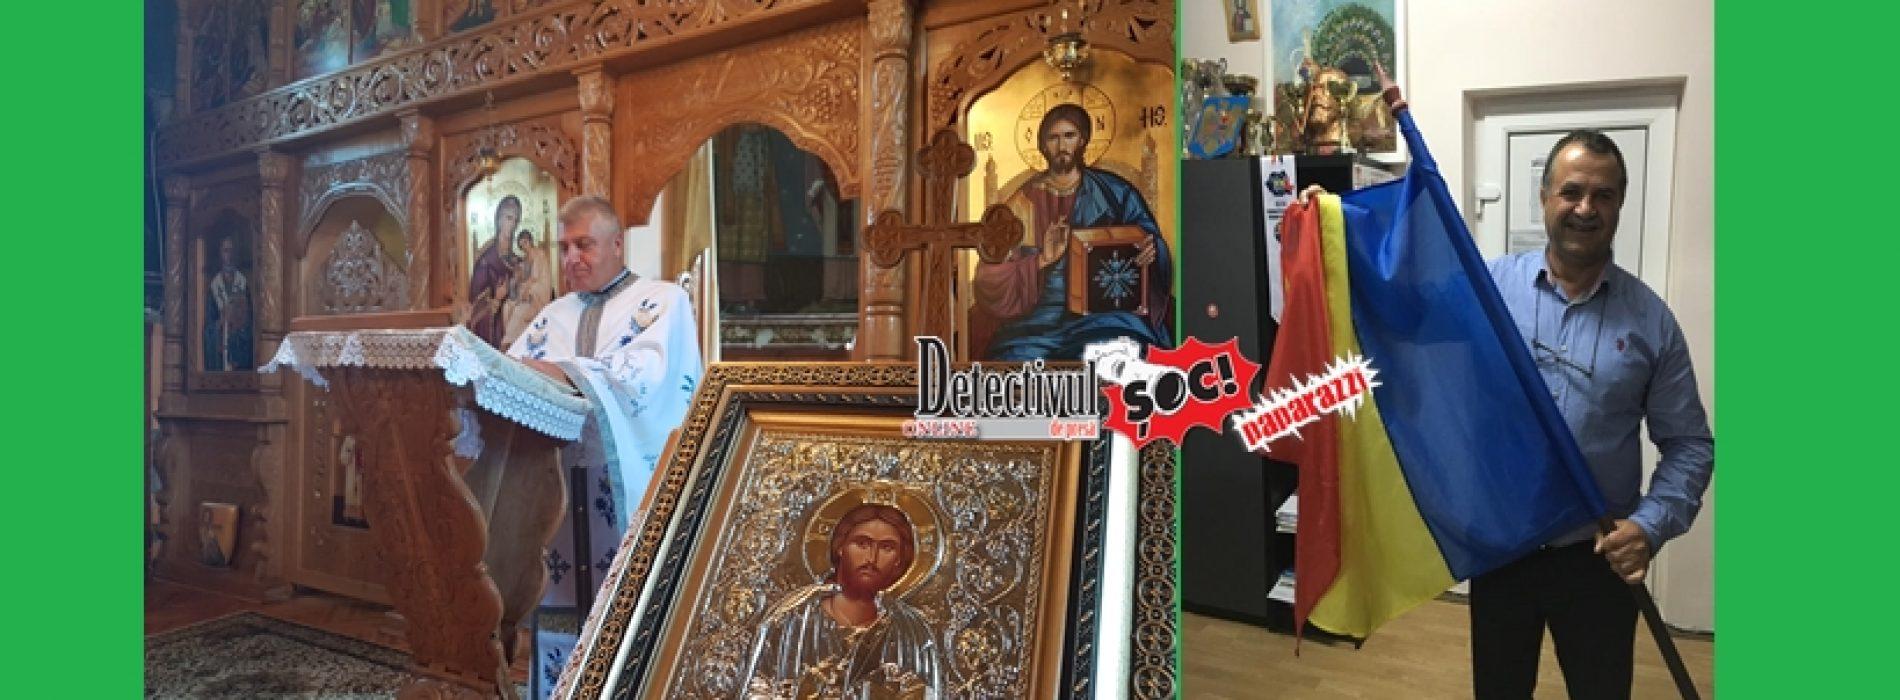 Afacerile DRACULUI. POLIȚIȘTII și PROCURORII caută AVIZELE pentru un TEREN vândut de preotul Ioan Nechita înainte să-l aibă de la primarul Pavel Octavian! 150.000 de euro sunt în JOC!